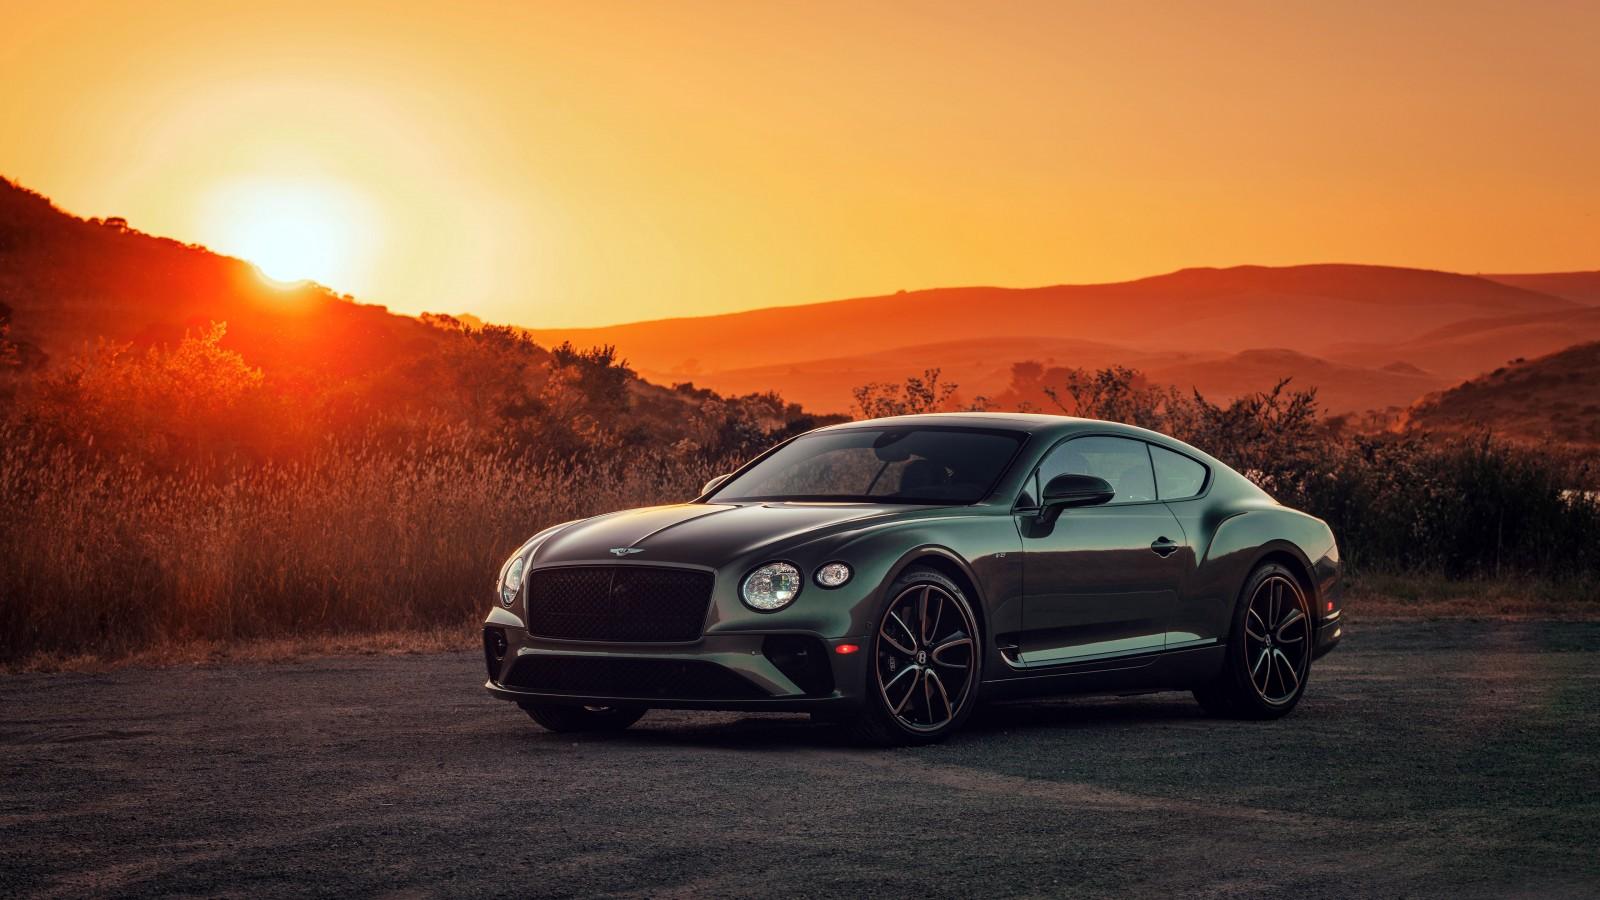 2020 Bentley Continental GT V8 4K Wallpaper | HD Car ...